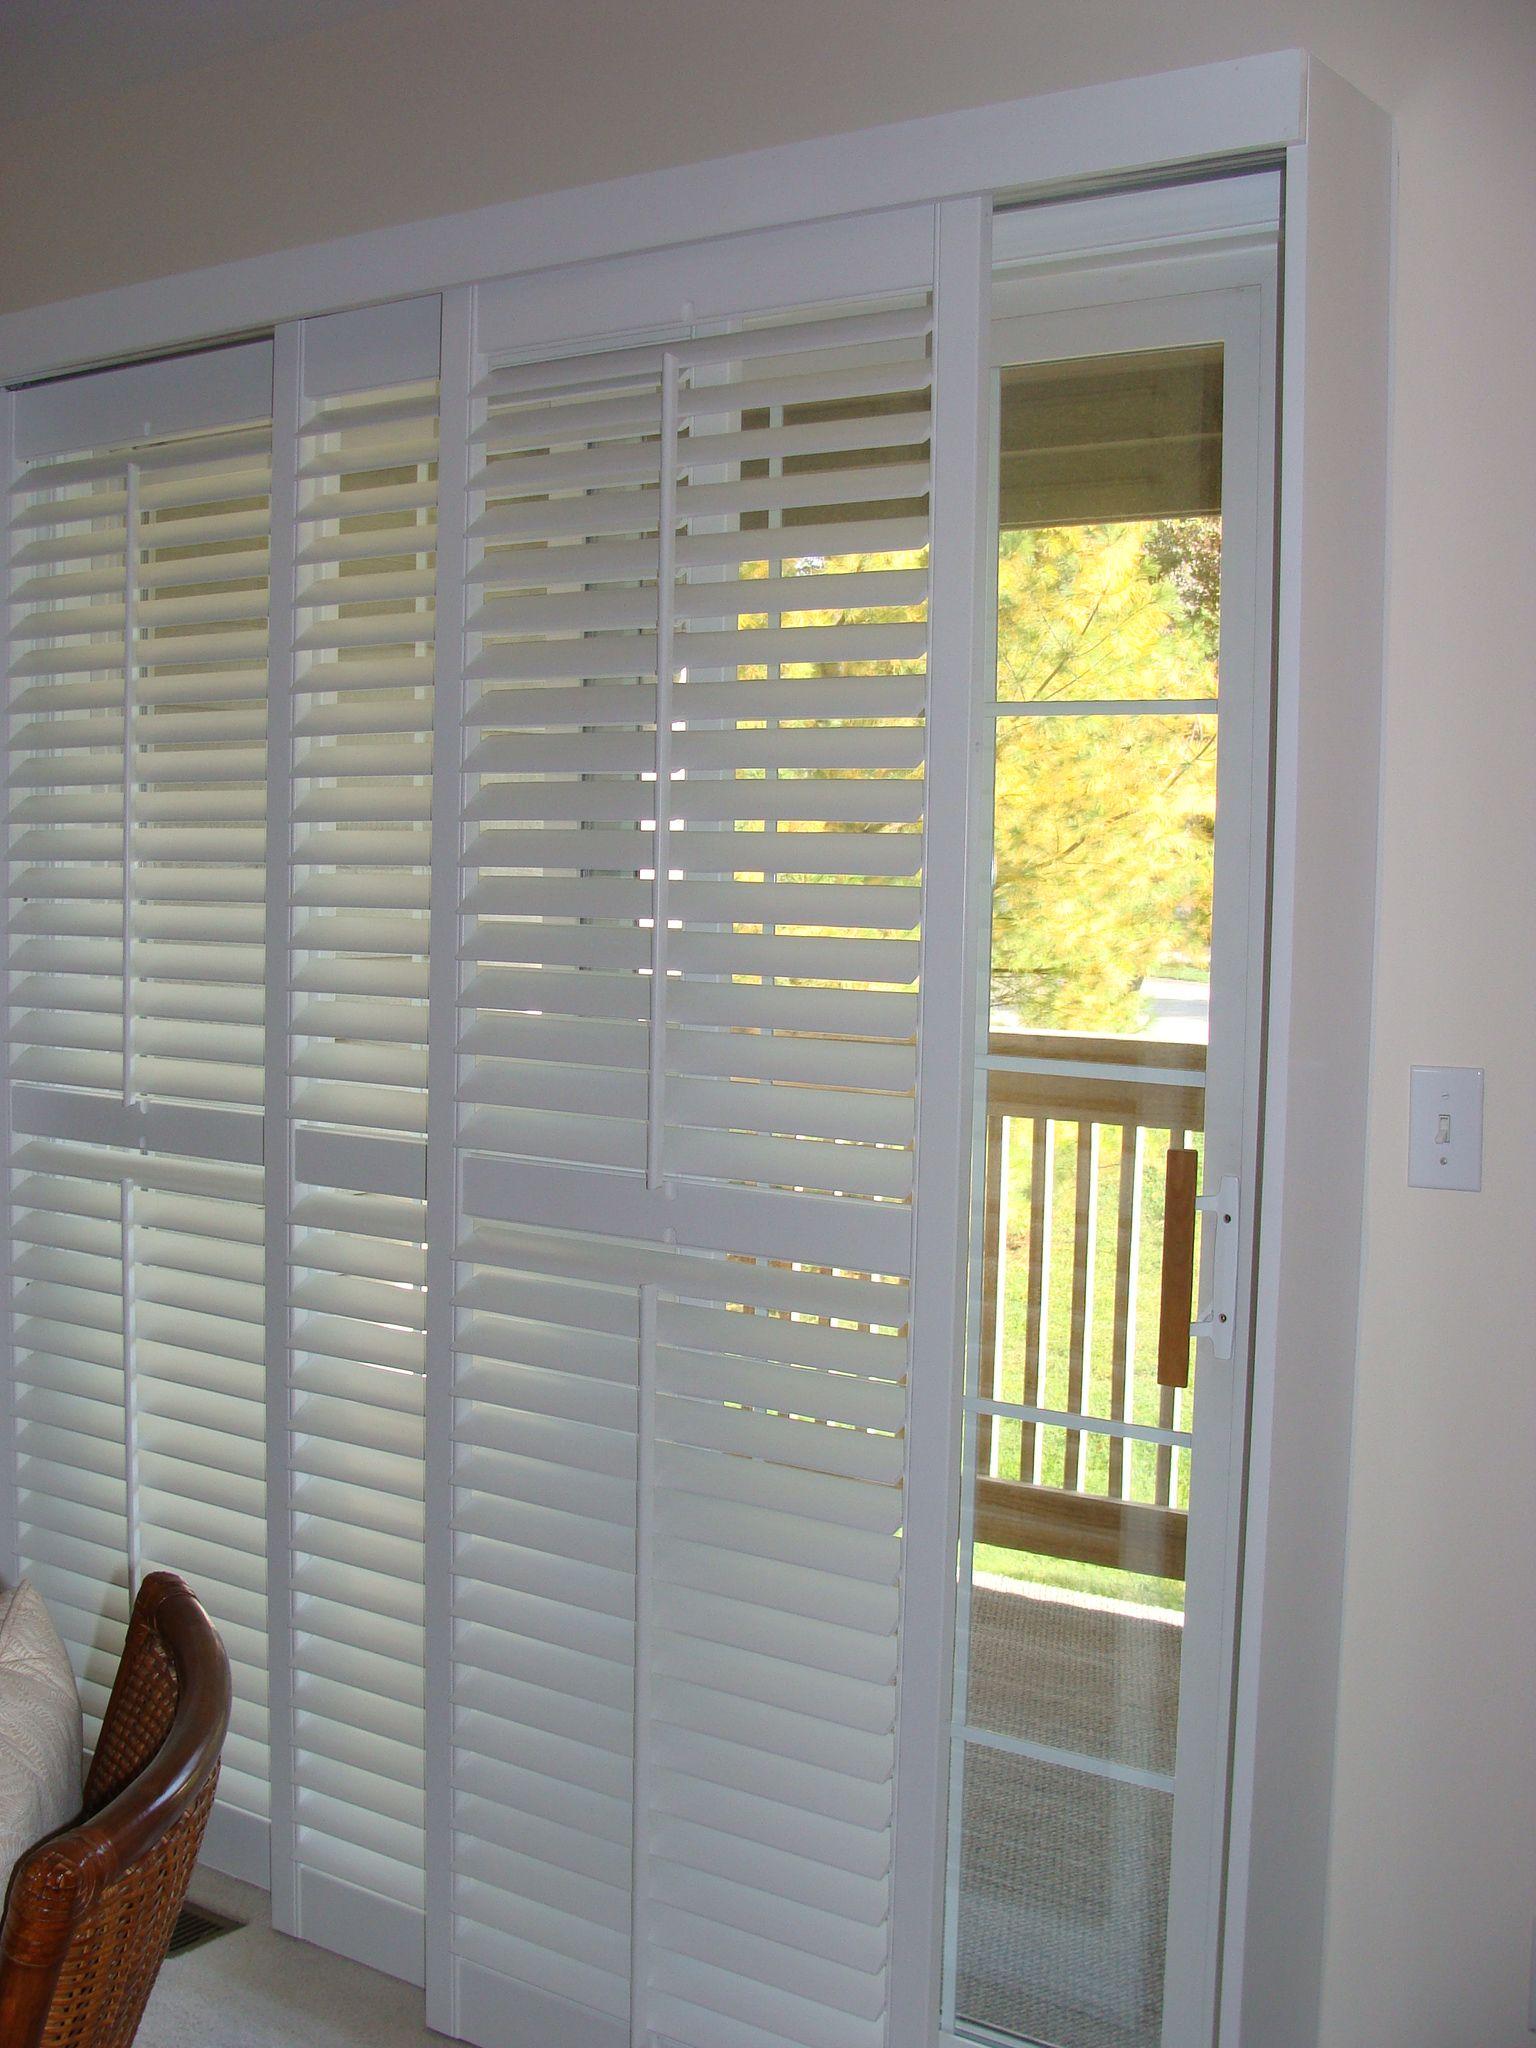 Sliding Door Window Solutions Delux Drapery Amp Shade Co Blog Patio Door Window Treatments Sliding Patio Doors Window Treatment Patio Door Coverings